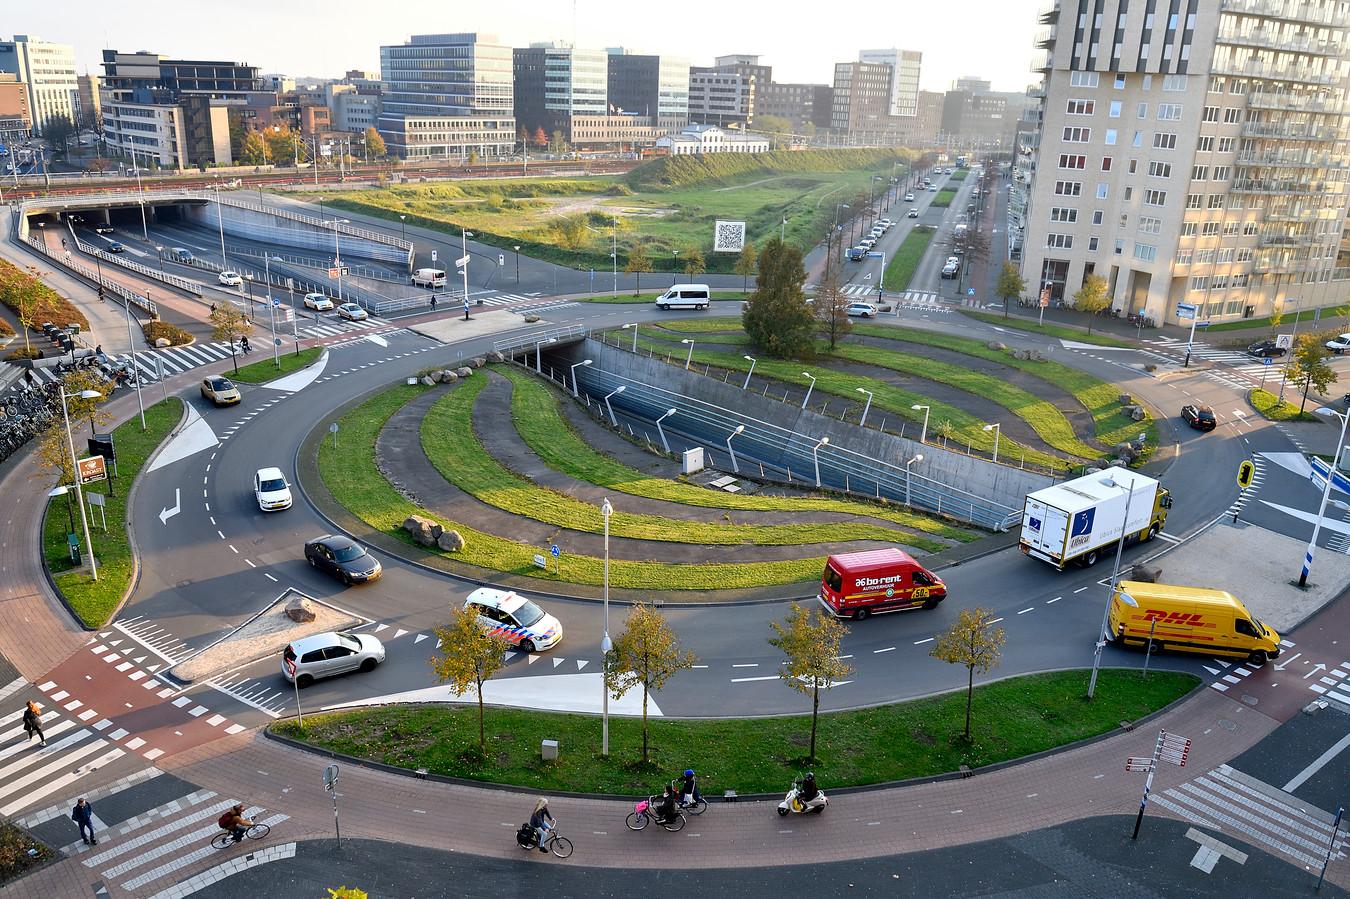 De Nieuwe Poort, hier gezien vanaf het dak van de Hogeschool Utrecht, is met vijf op- en afritten en een tweerichtingsfietspad één van de drukste en meest onoverzichtelijke verkeerspleinen van Amersfoort.